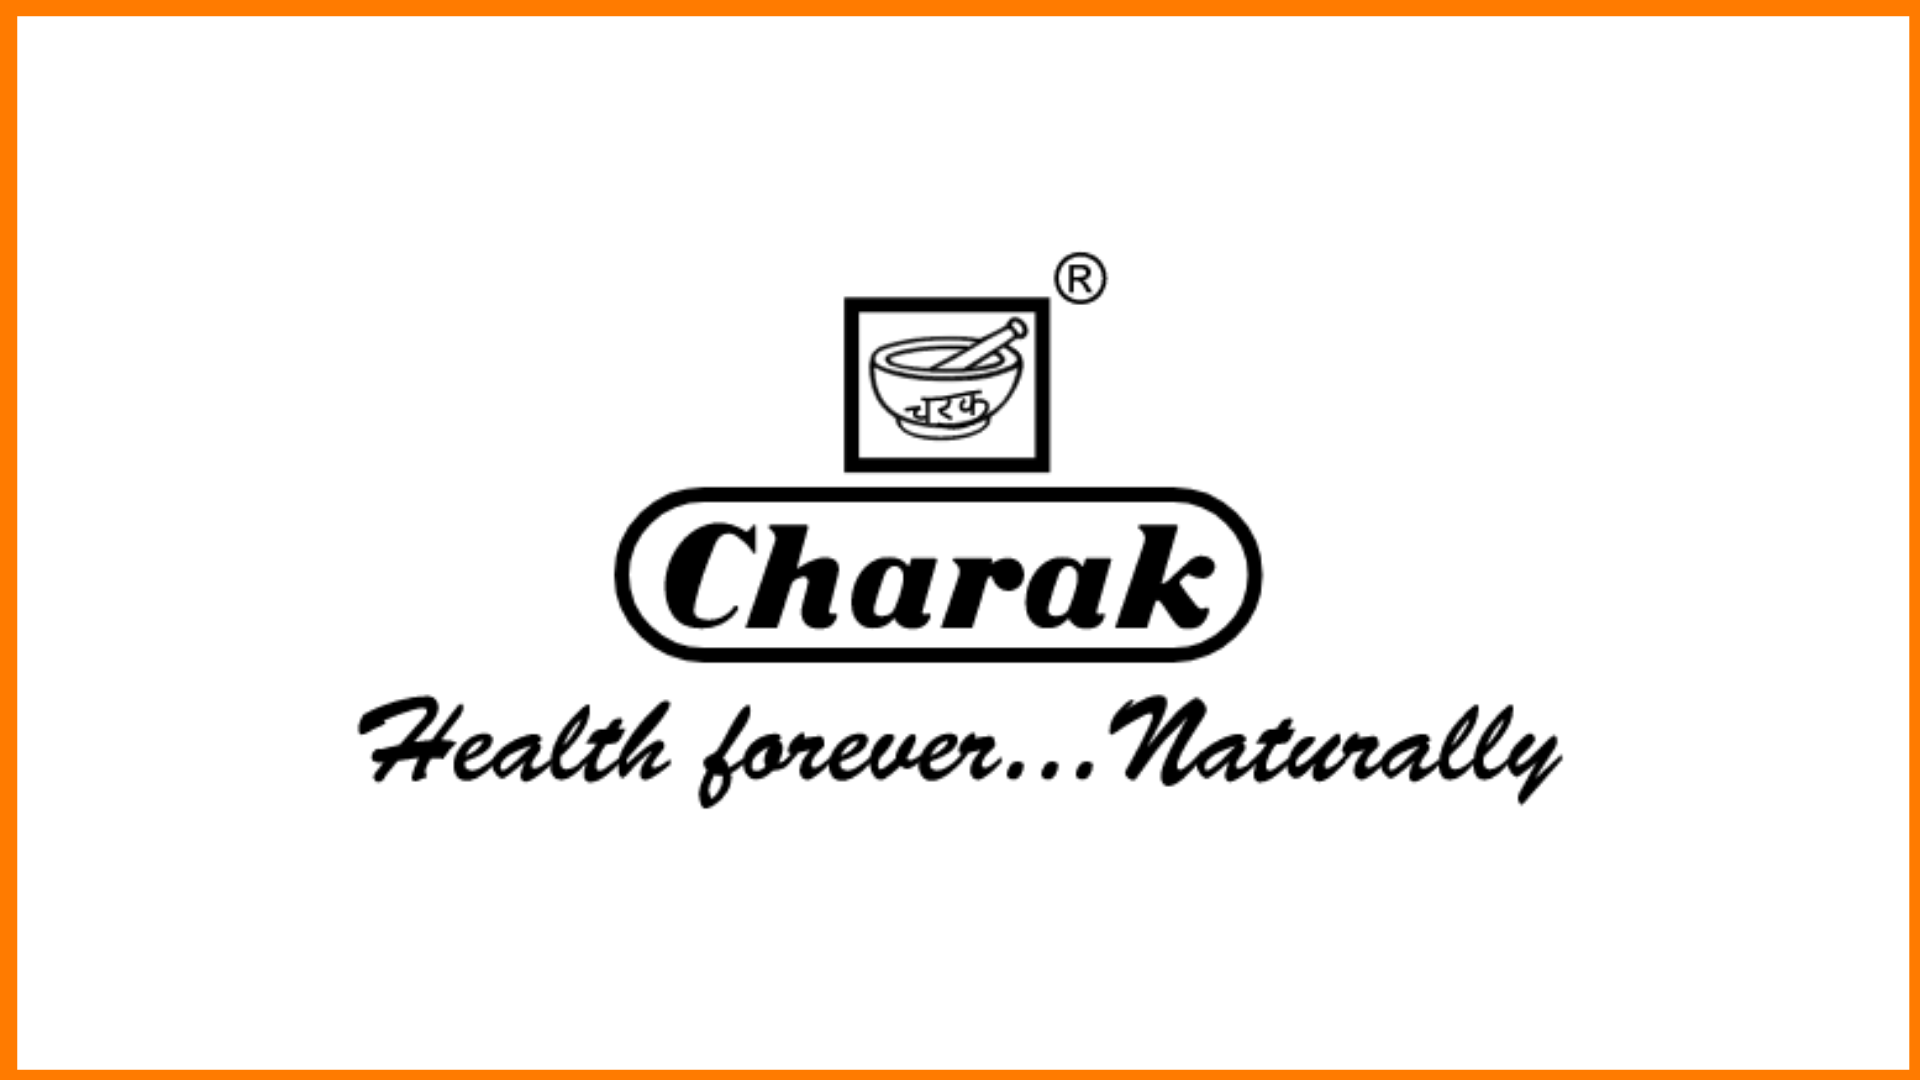 Charak Logo